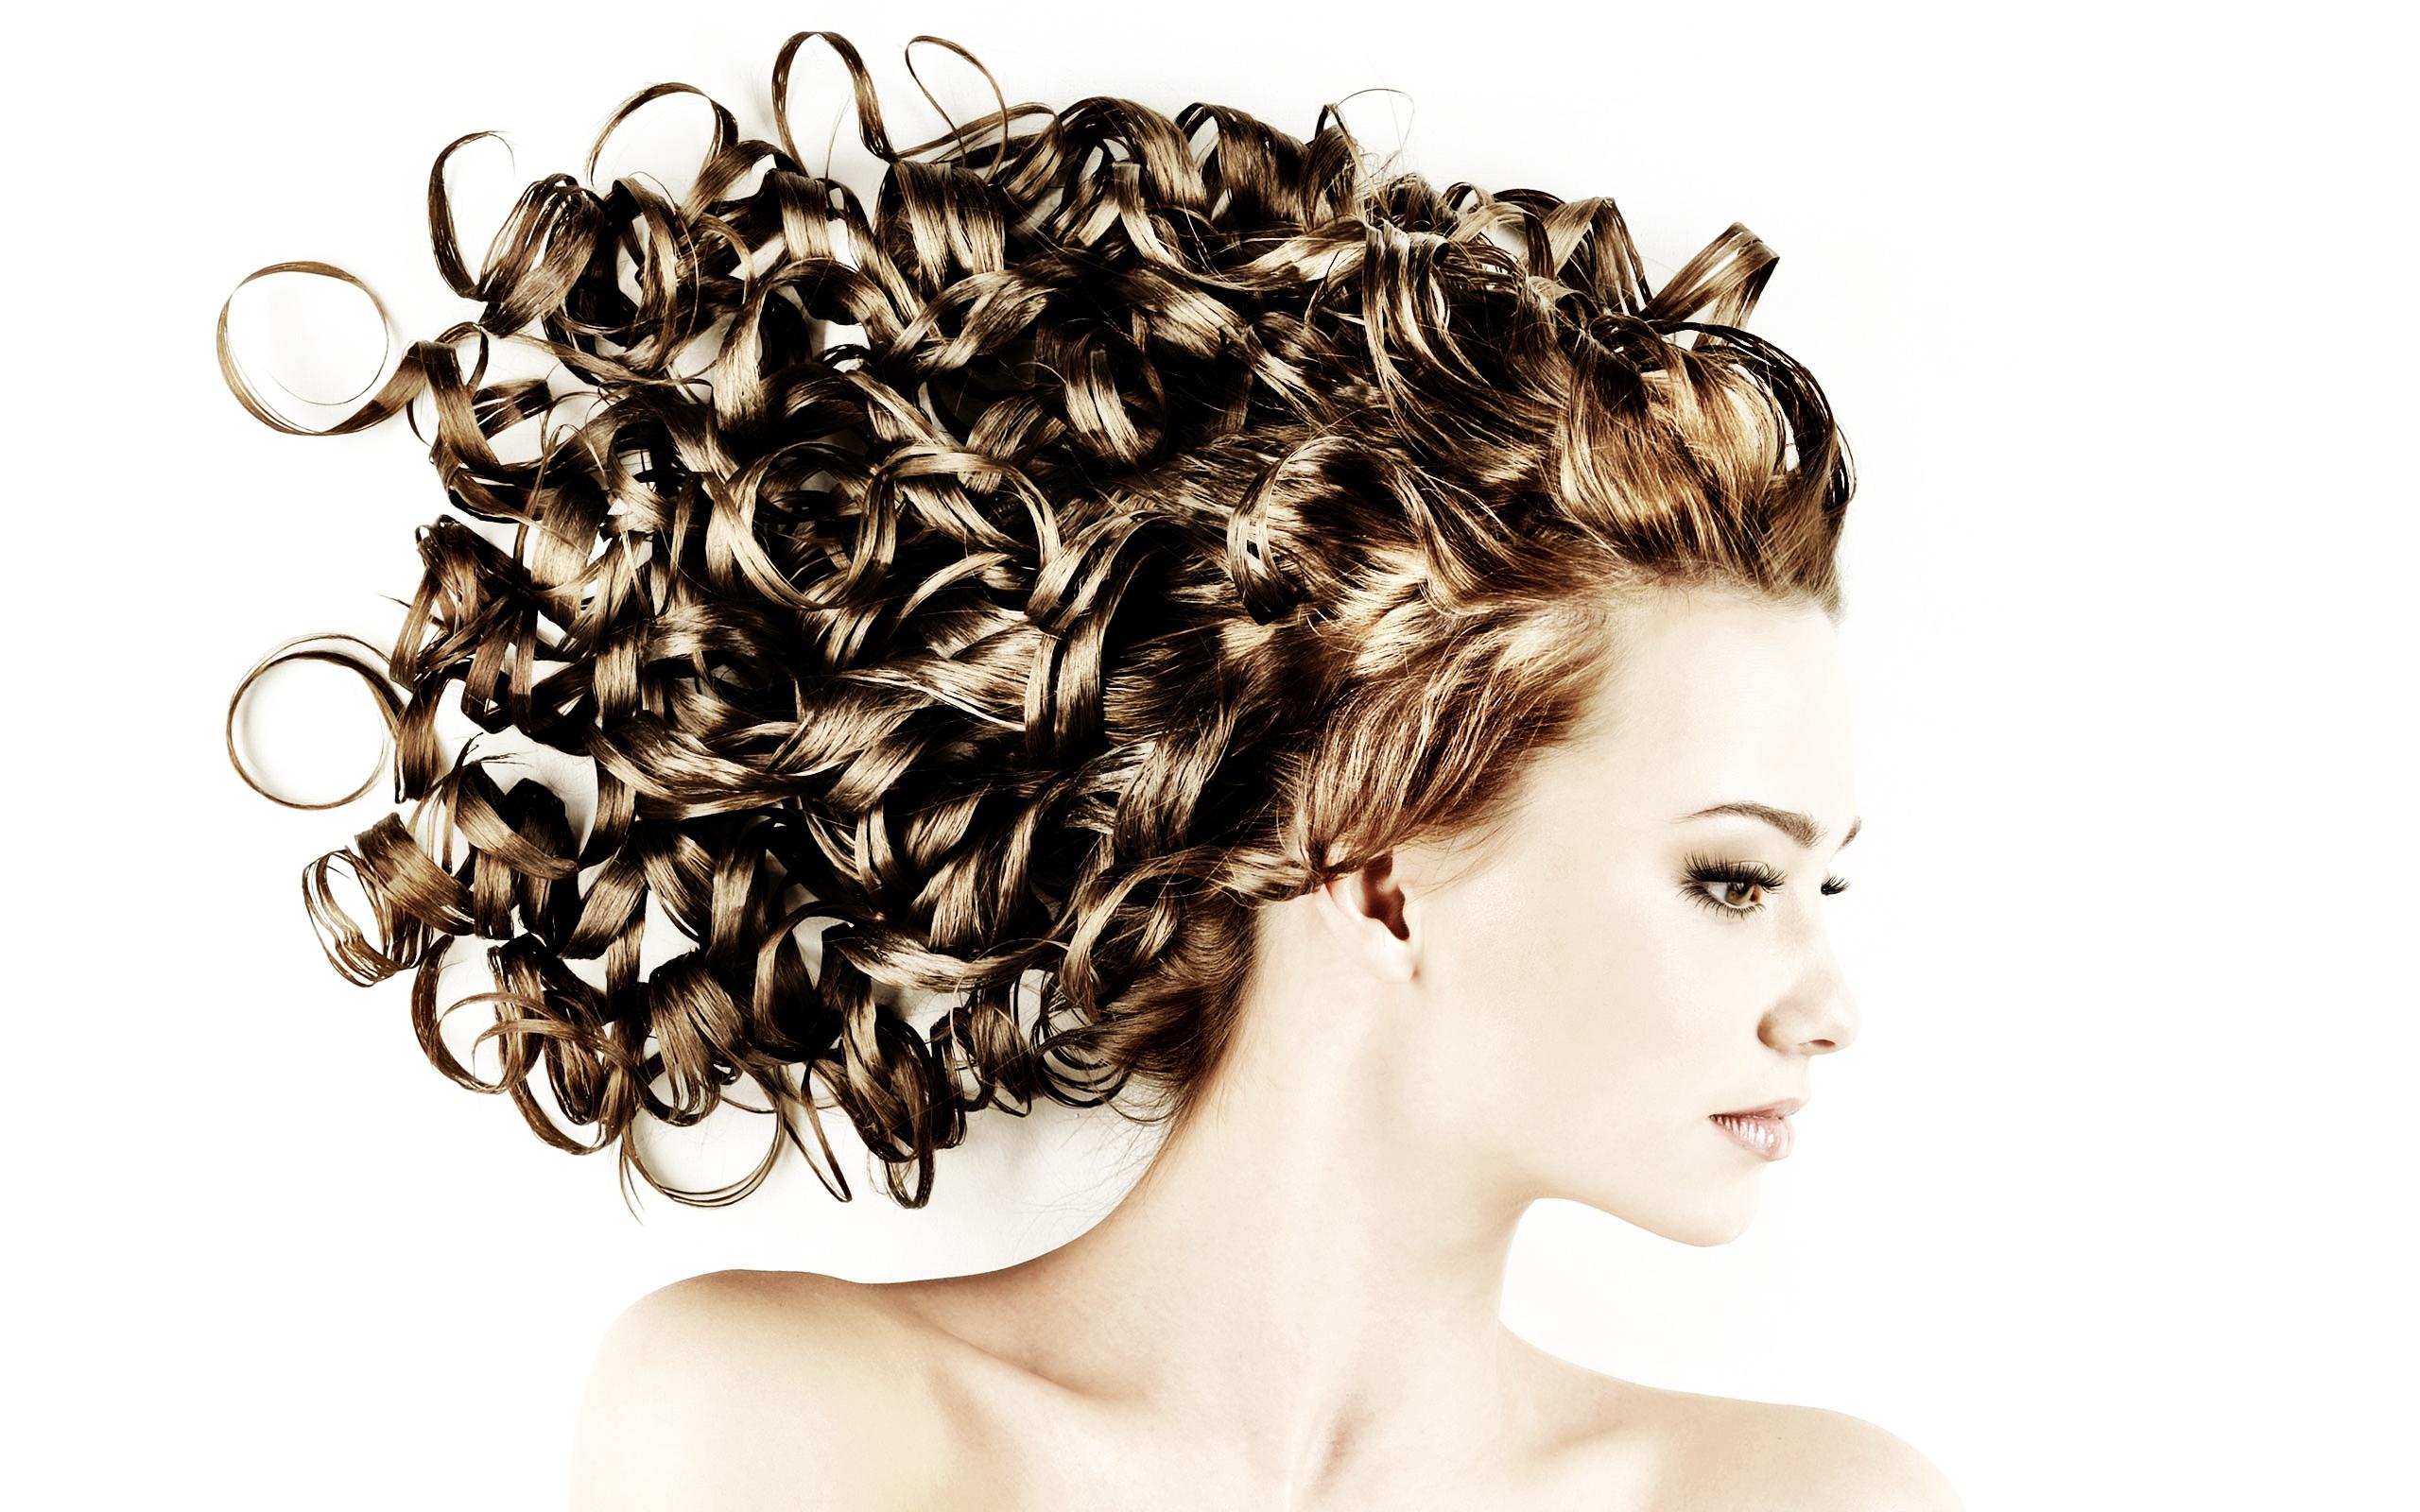 Pure Concepts Hair & Boutique Viroqua, WI